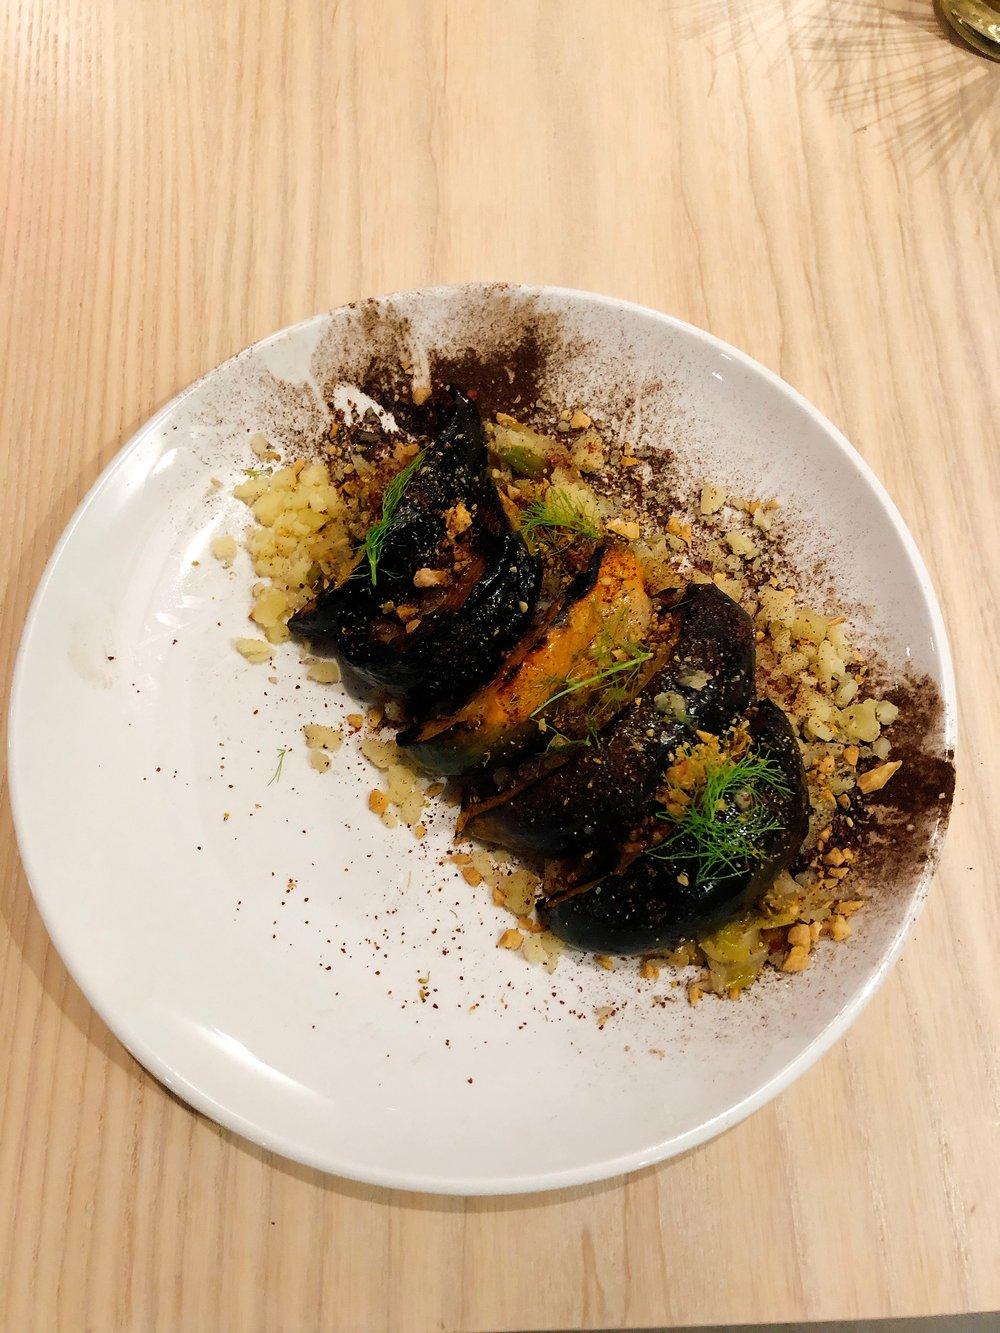 Grilled Acorn Squash | Leek + Fennel + Marcona + Kasseri + Sumac